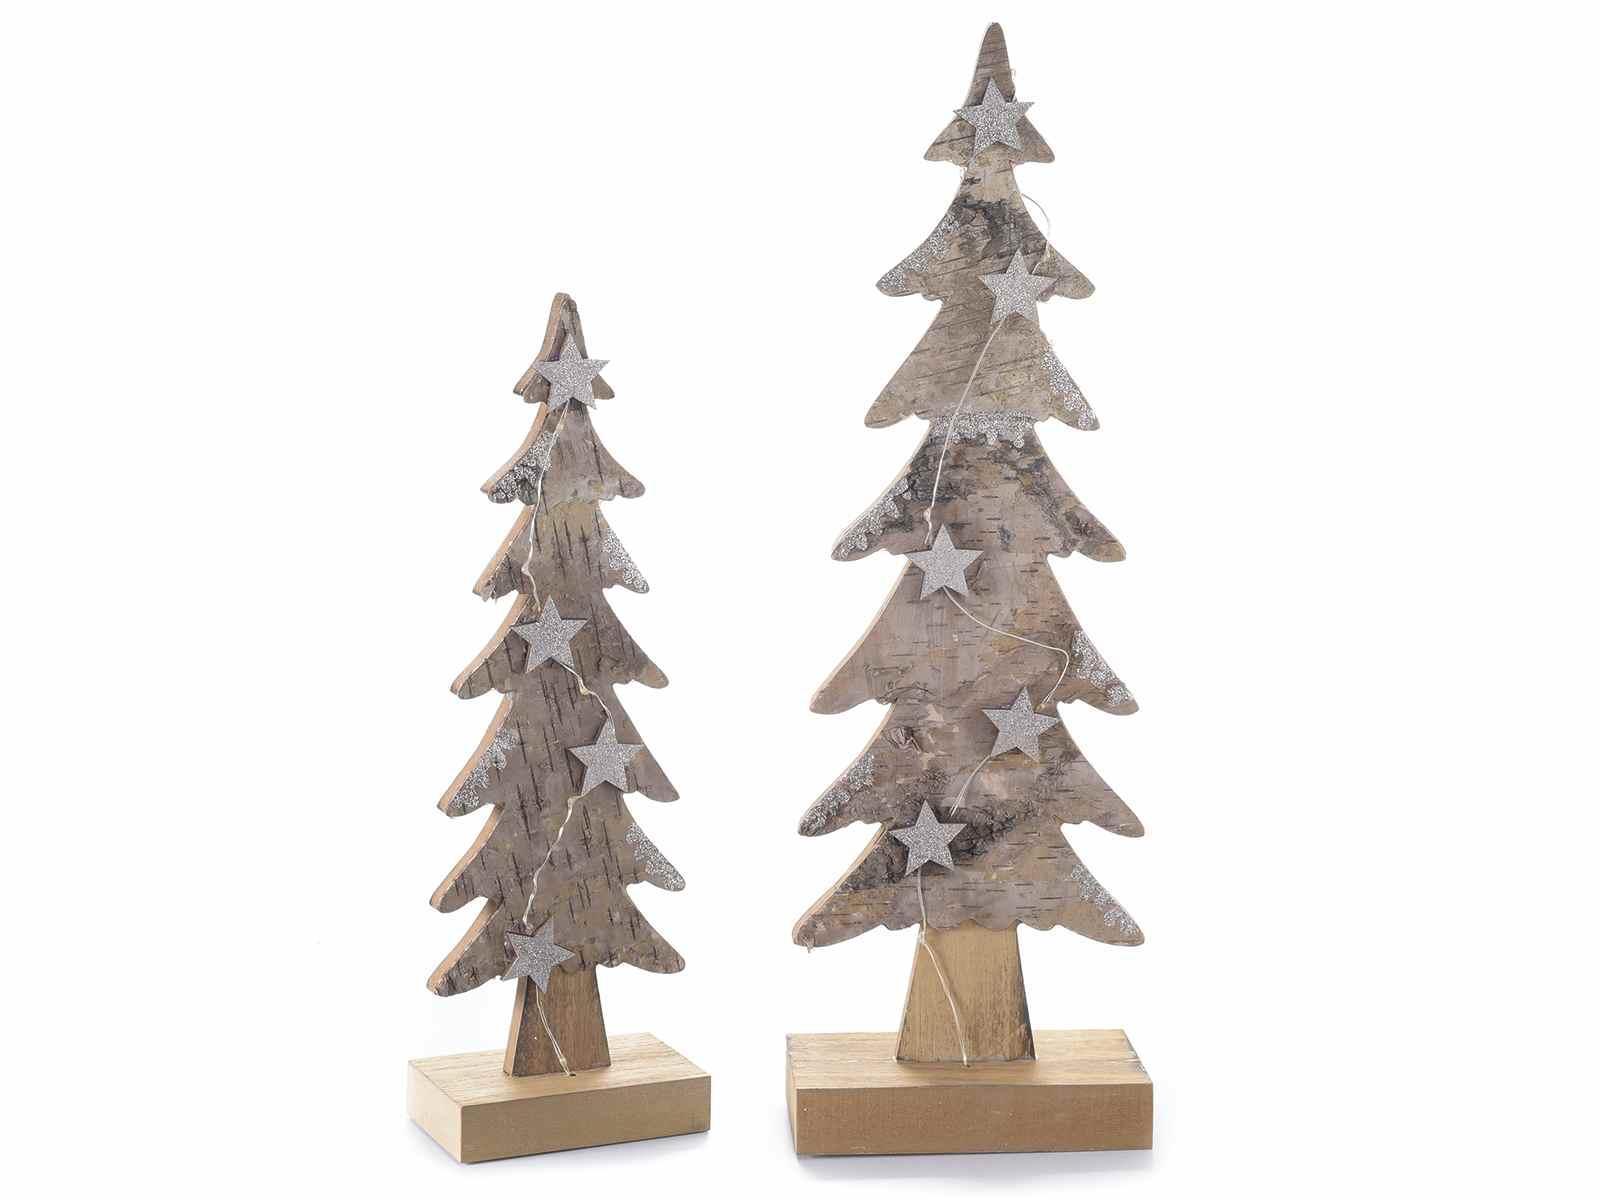 Alberi Di Natale In Legno Da Appendere : Alberi natale legno alberi natale legno legno dellalbero di